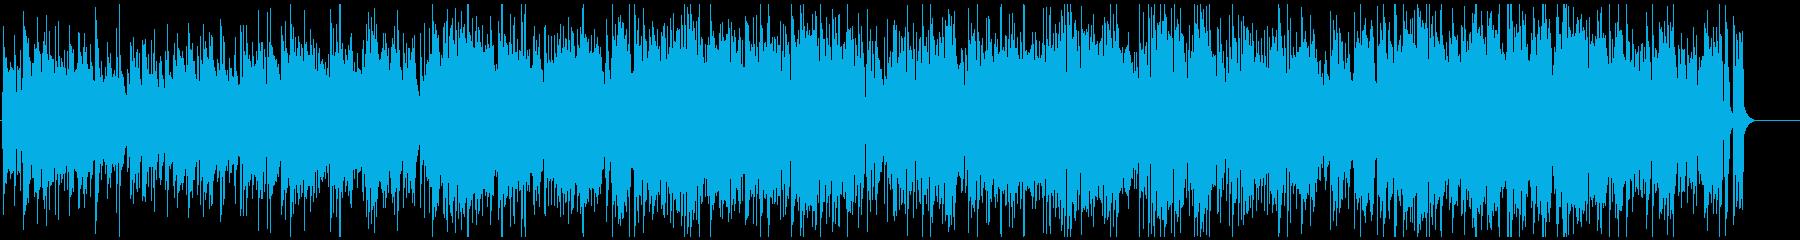 ほっこりボサノバ サックス&フルート生録の再生済みの波形